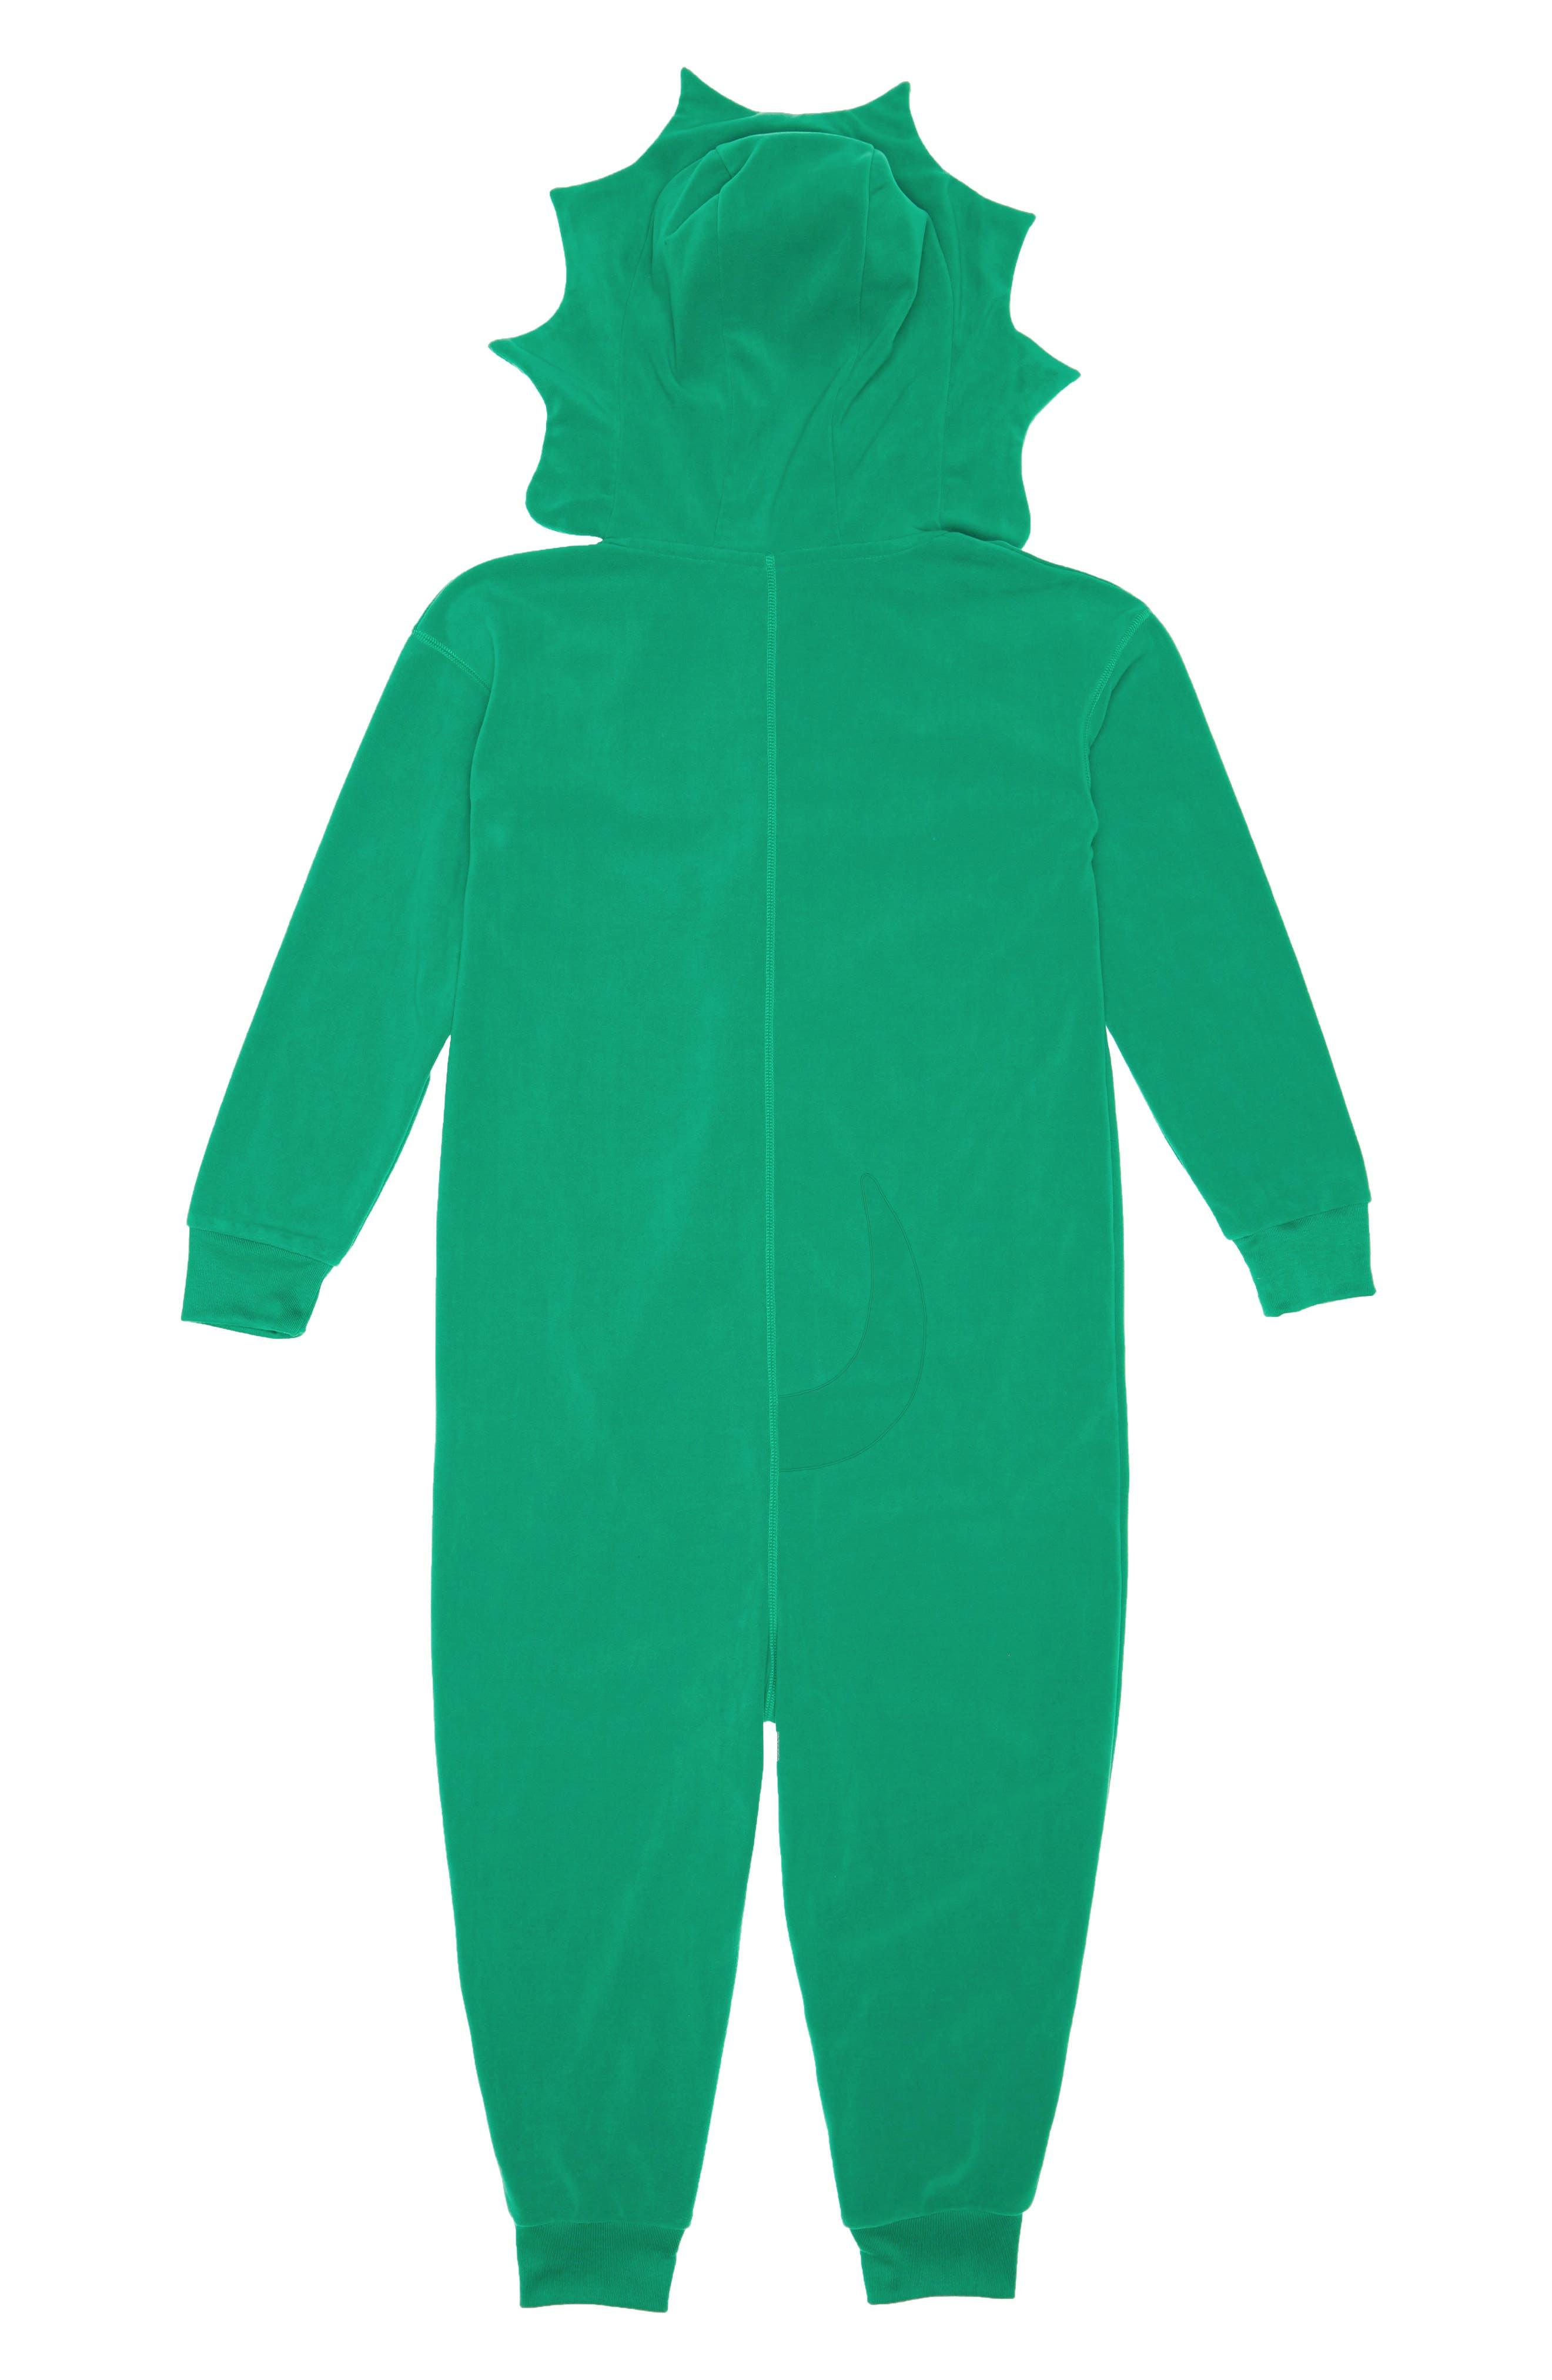 Animal One-Piece Hooded Pajamas,                             Alternate thumbnail 2, color,                             GREEN GENIUS DINO